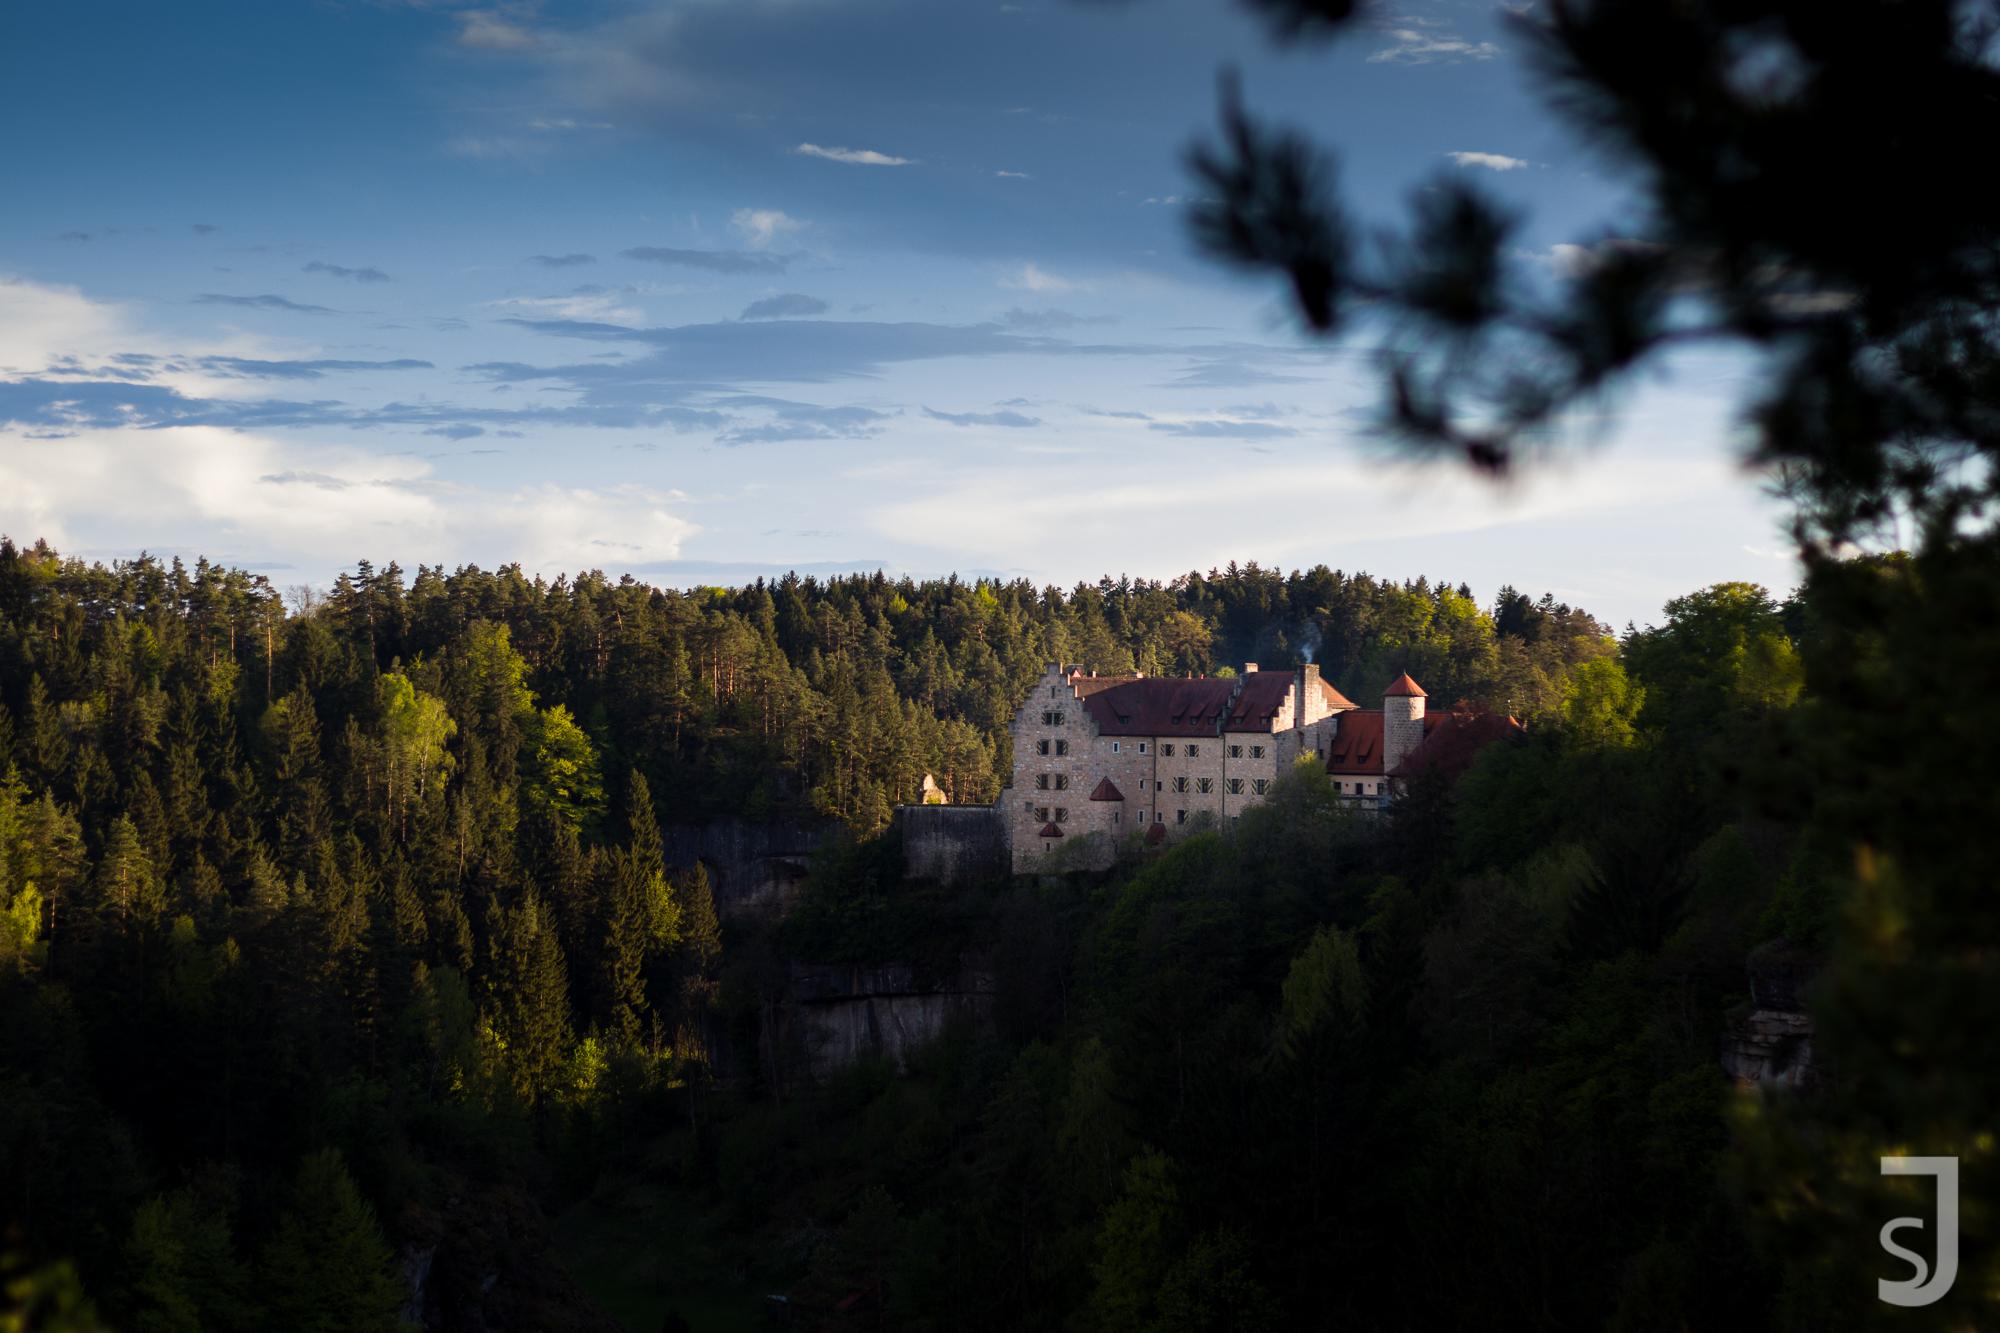 Burg_Ravenstein,_Fränkische_Schweiz